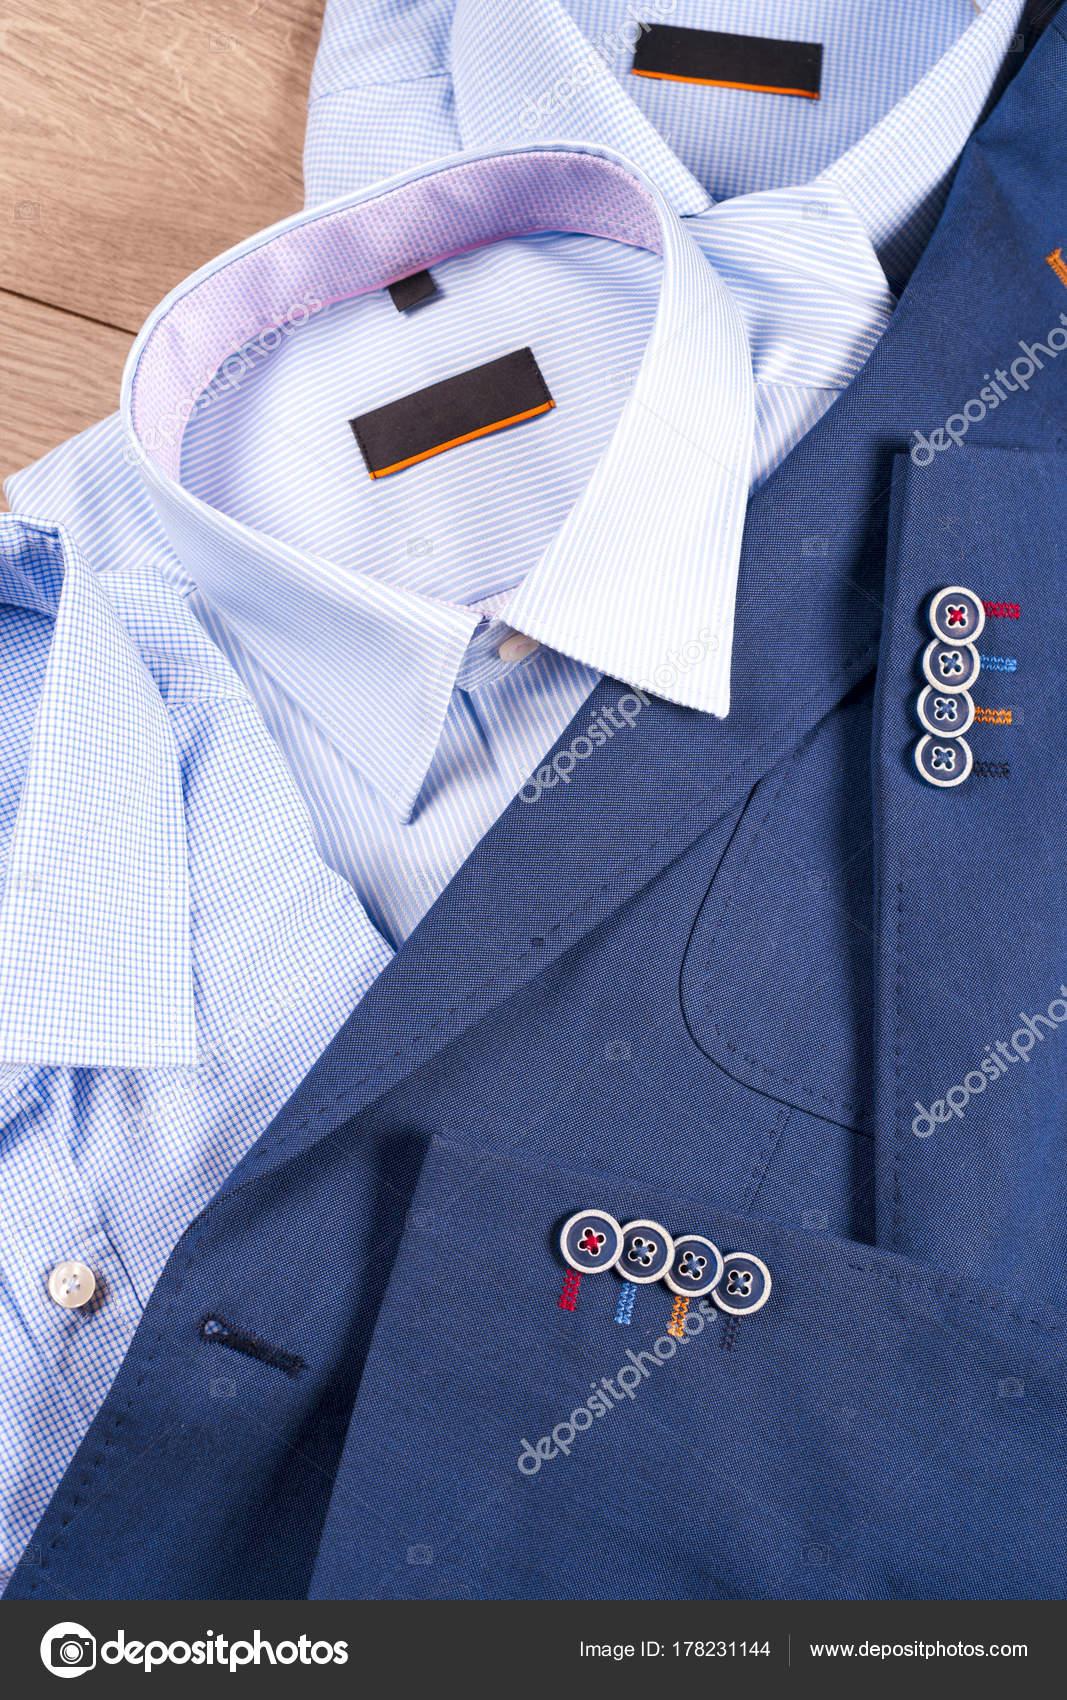 Klassische Herren Kleidung Blauen Anzug Hemd Braune Schuhe